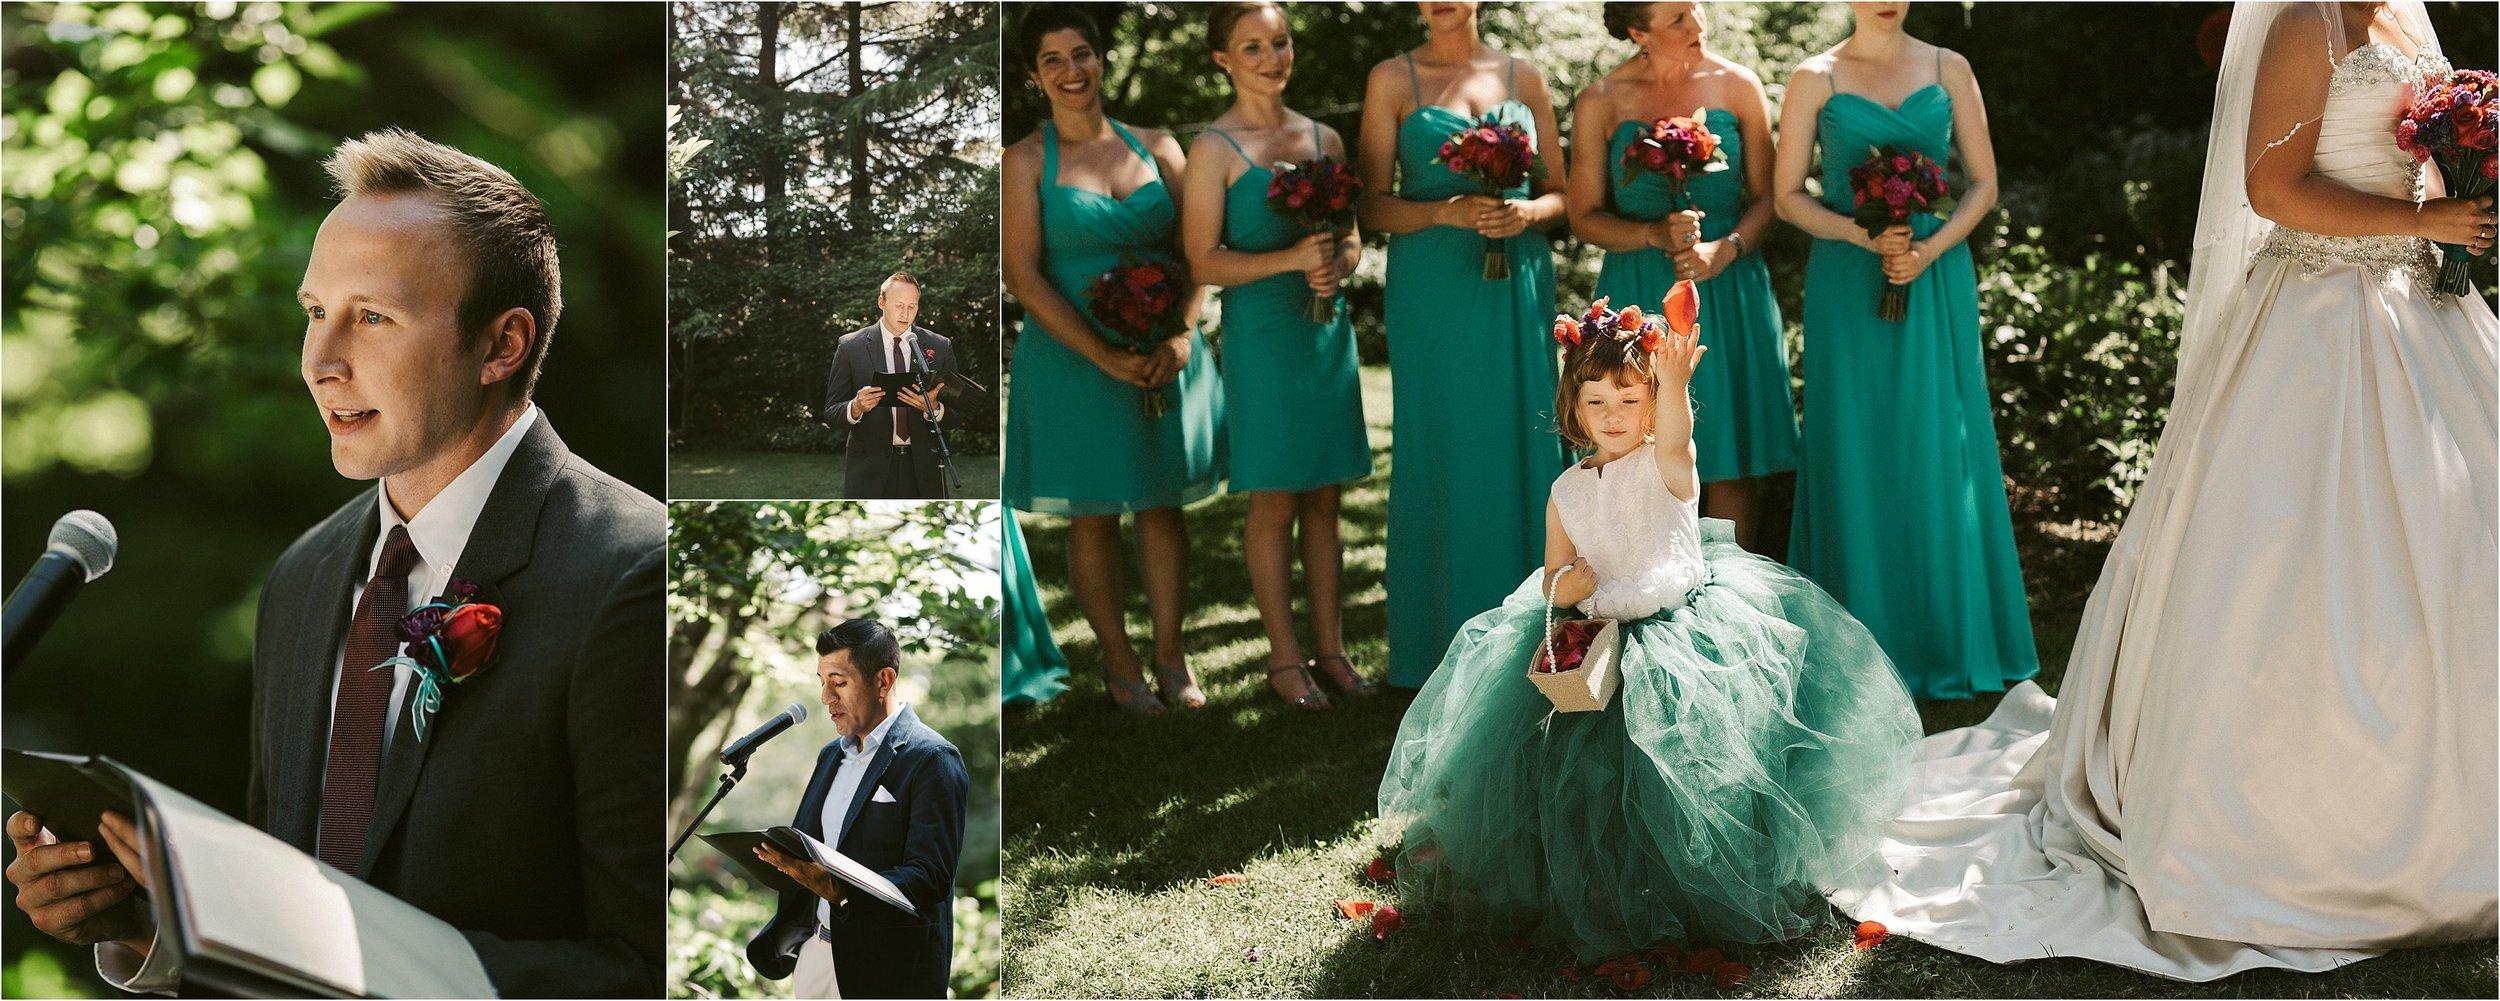 mcmenamins-wedding-portland-oregon_0093.jpg